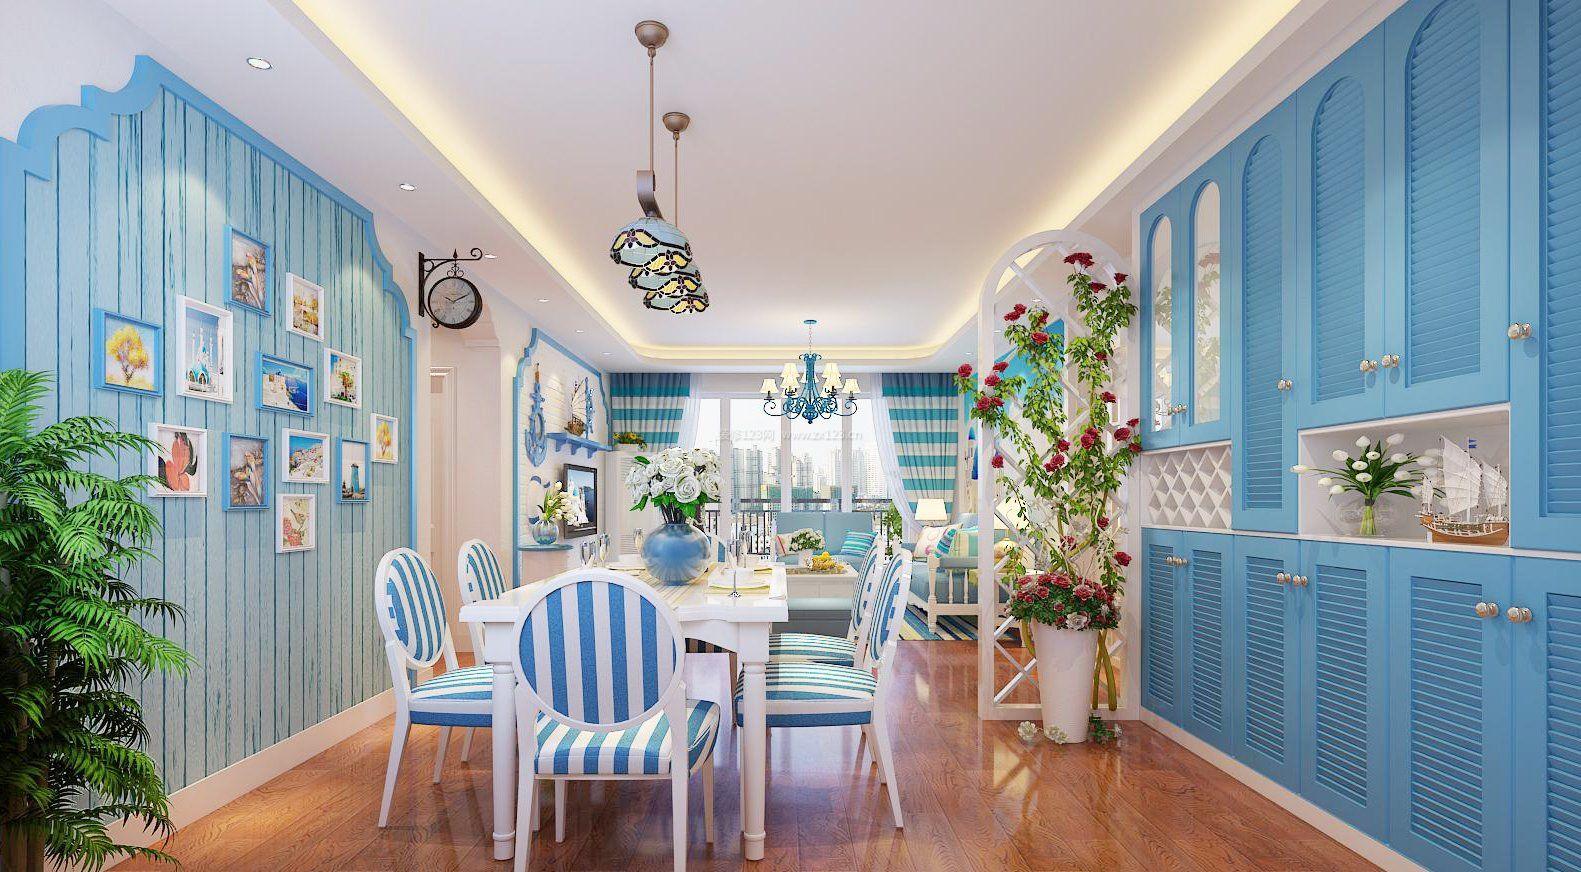 地中海风格室内墙壁柜装饰装修效果图